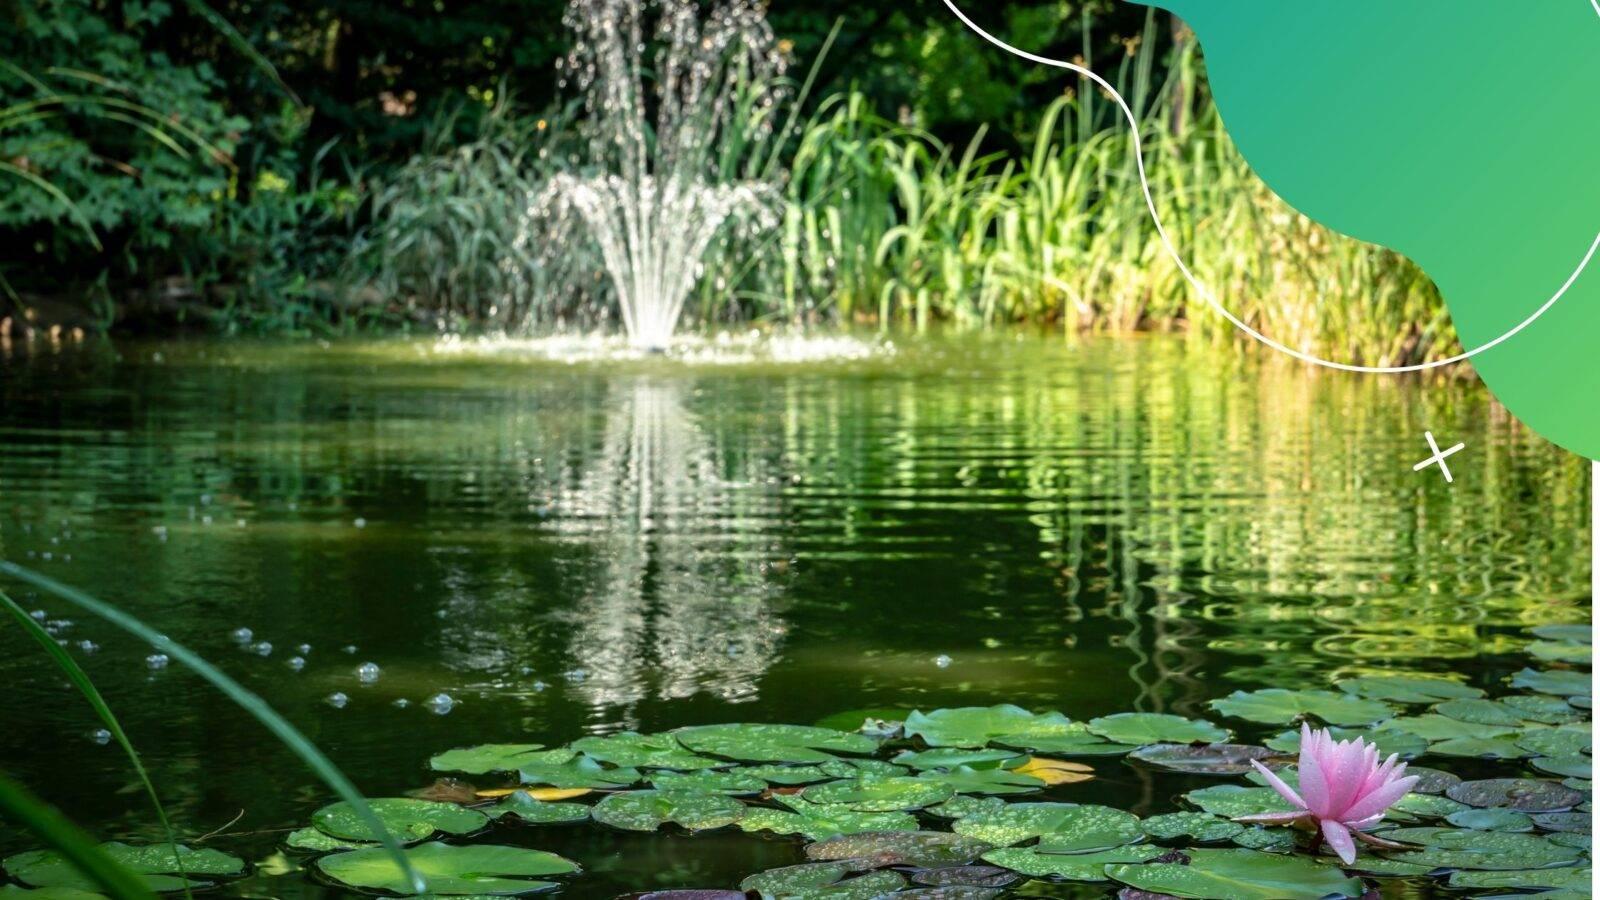 Hogyan válasszunk kerti tavi szivattyút?